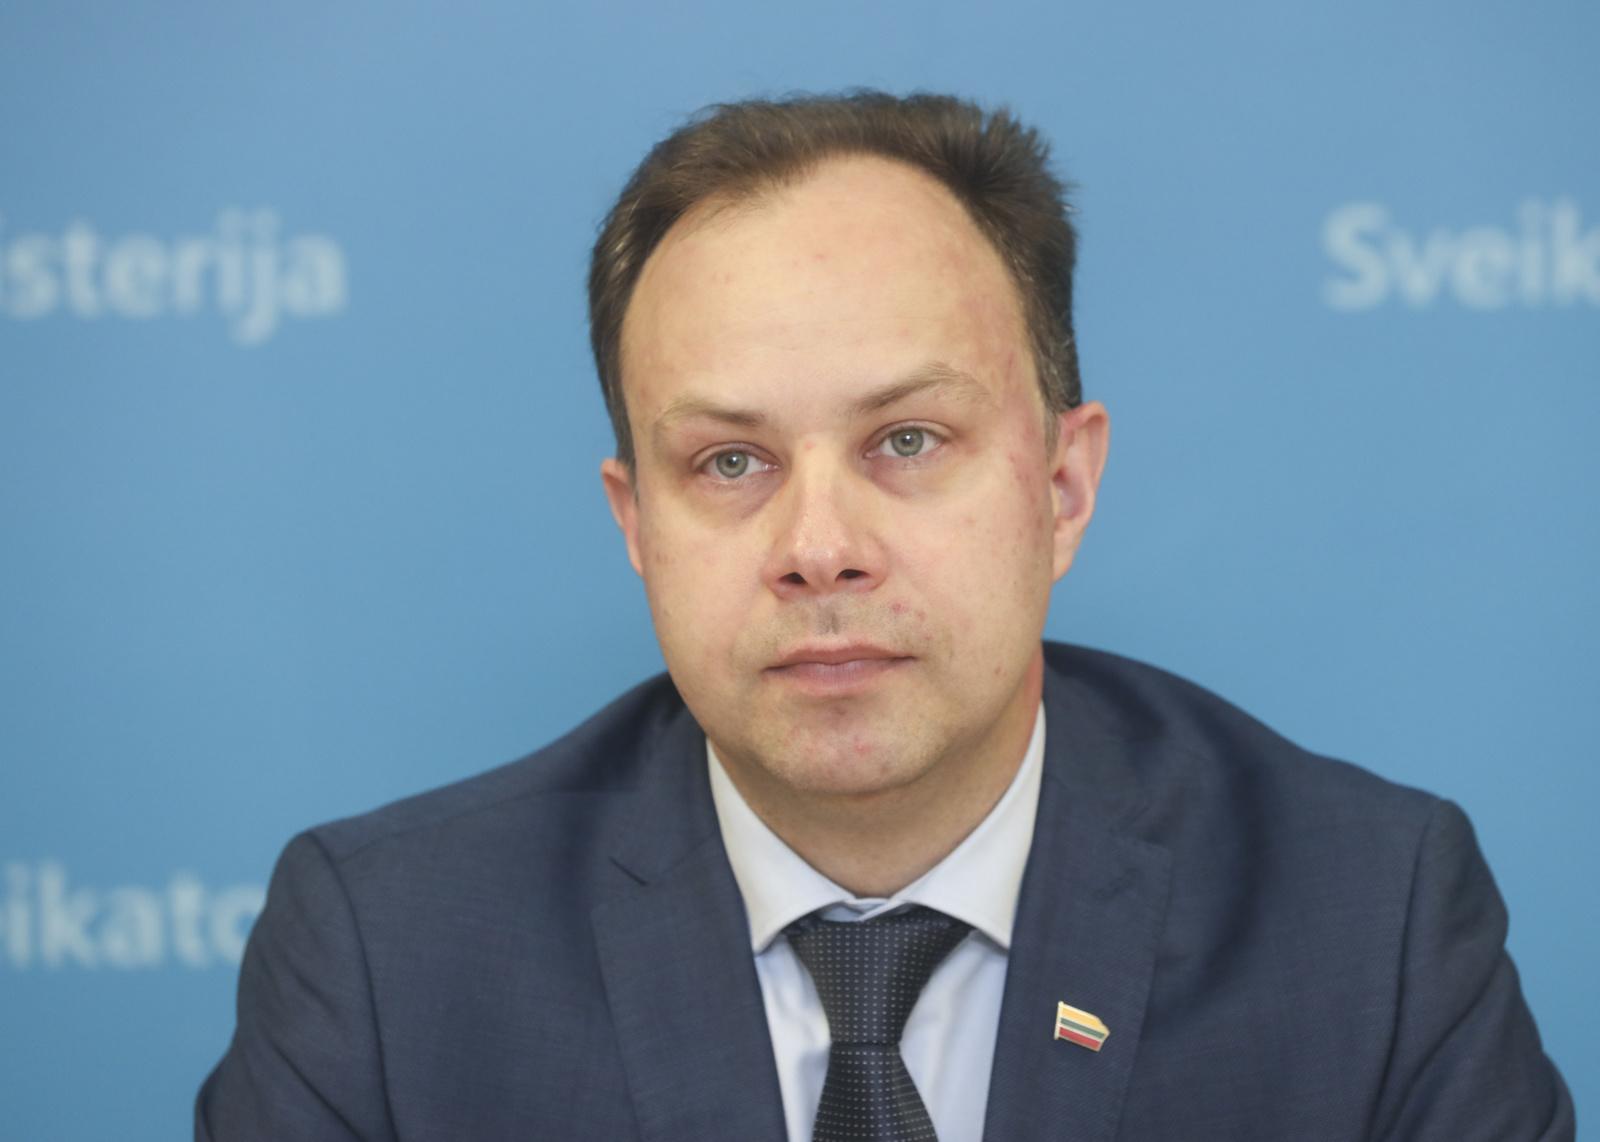 Po A. Verygos susitikimo su prezidentu nepaaiškėjo, ar ministras toliau eis savo pareigas